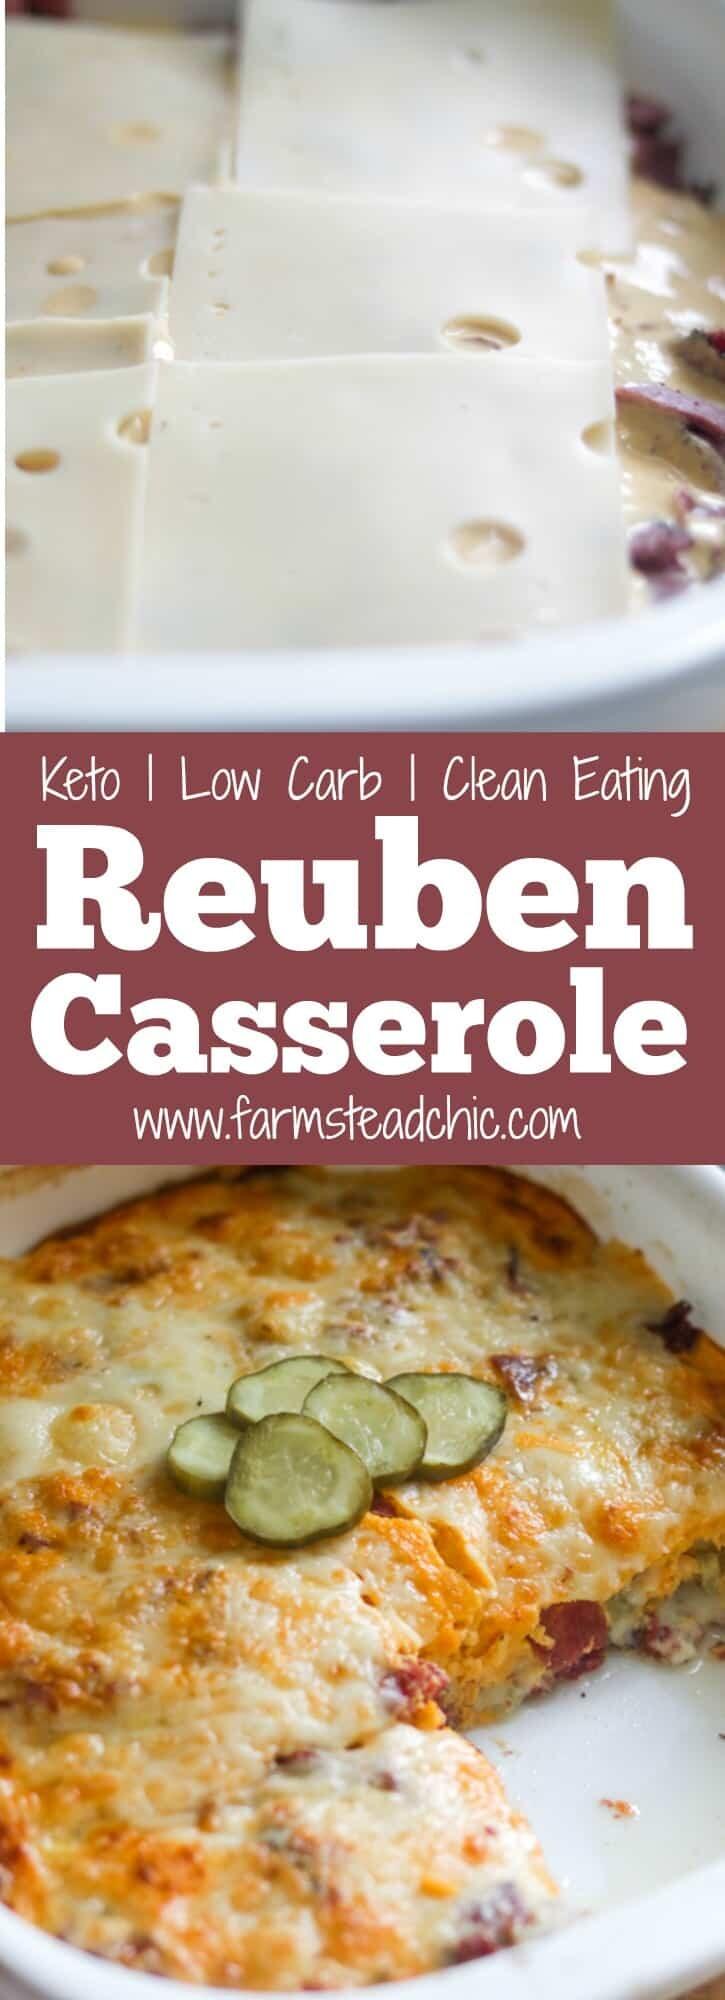 Low Carb, Keto Reuben Casserole Pinterest Graphic